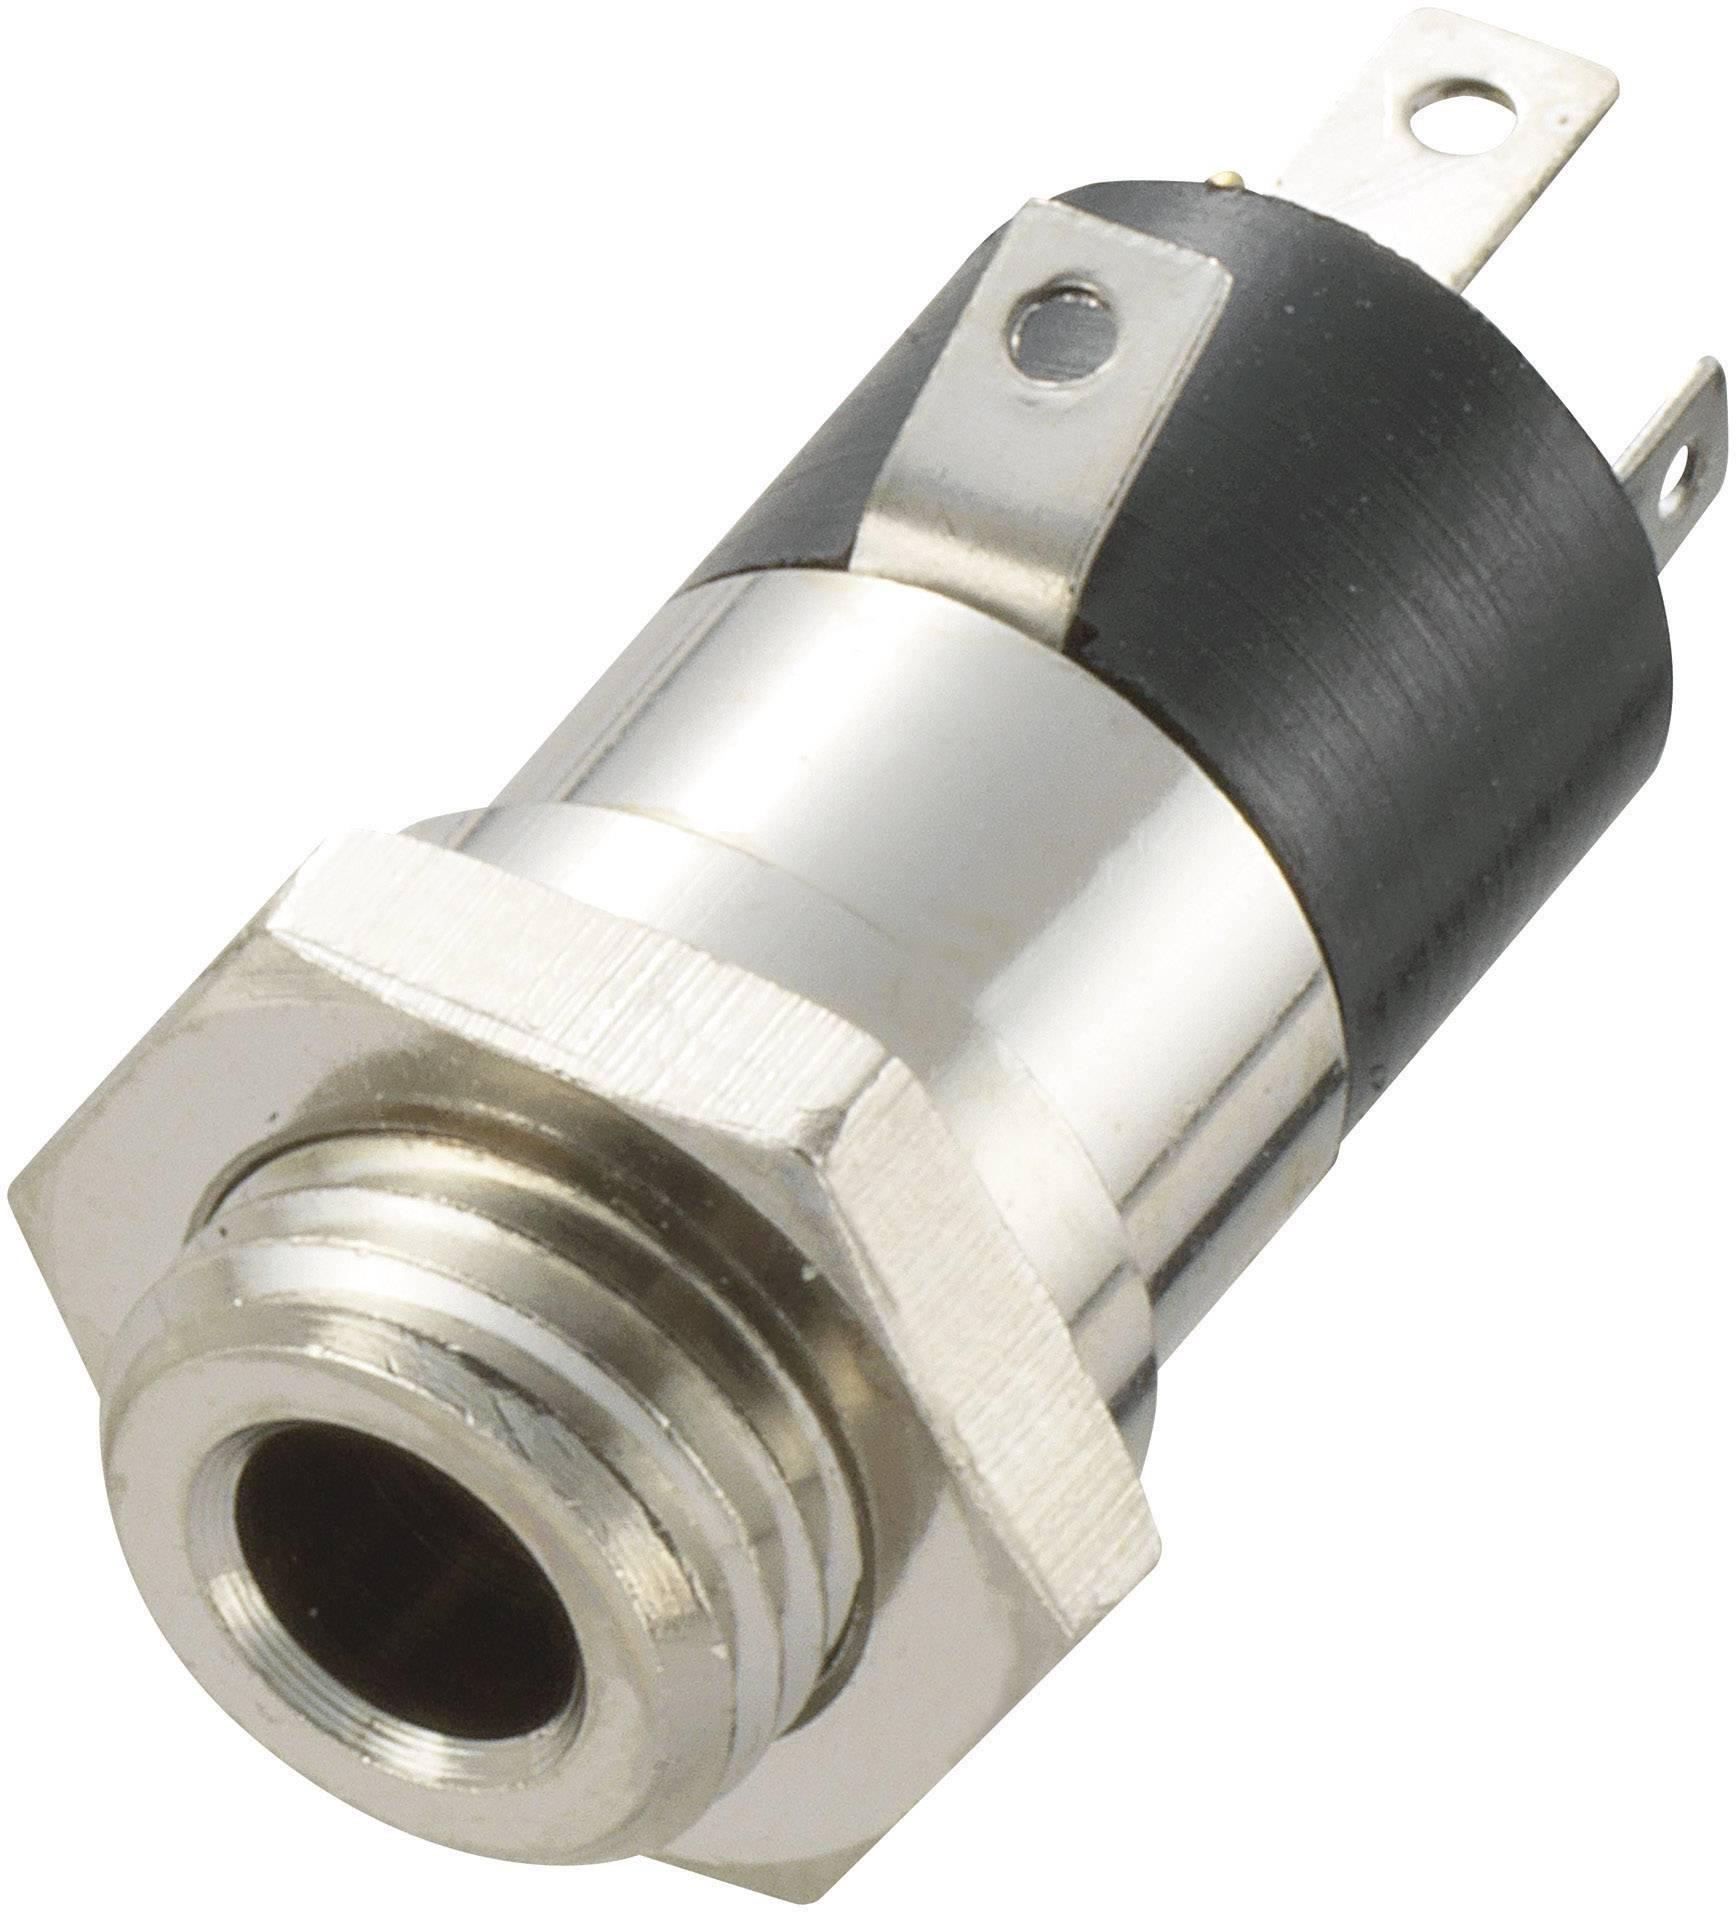 Jack konektor 3.5 mm TRU COMPONENTS 718612 zásuvka, vstavateľná vertikálna stereo, pólů 4, 1 ks